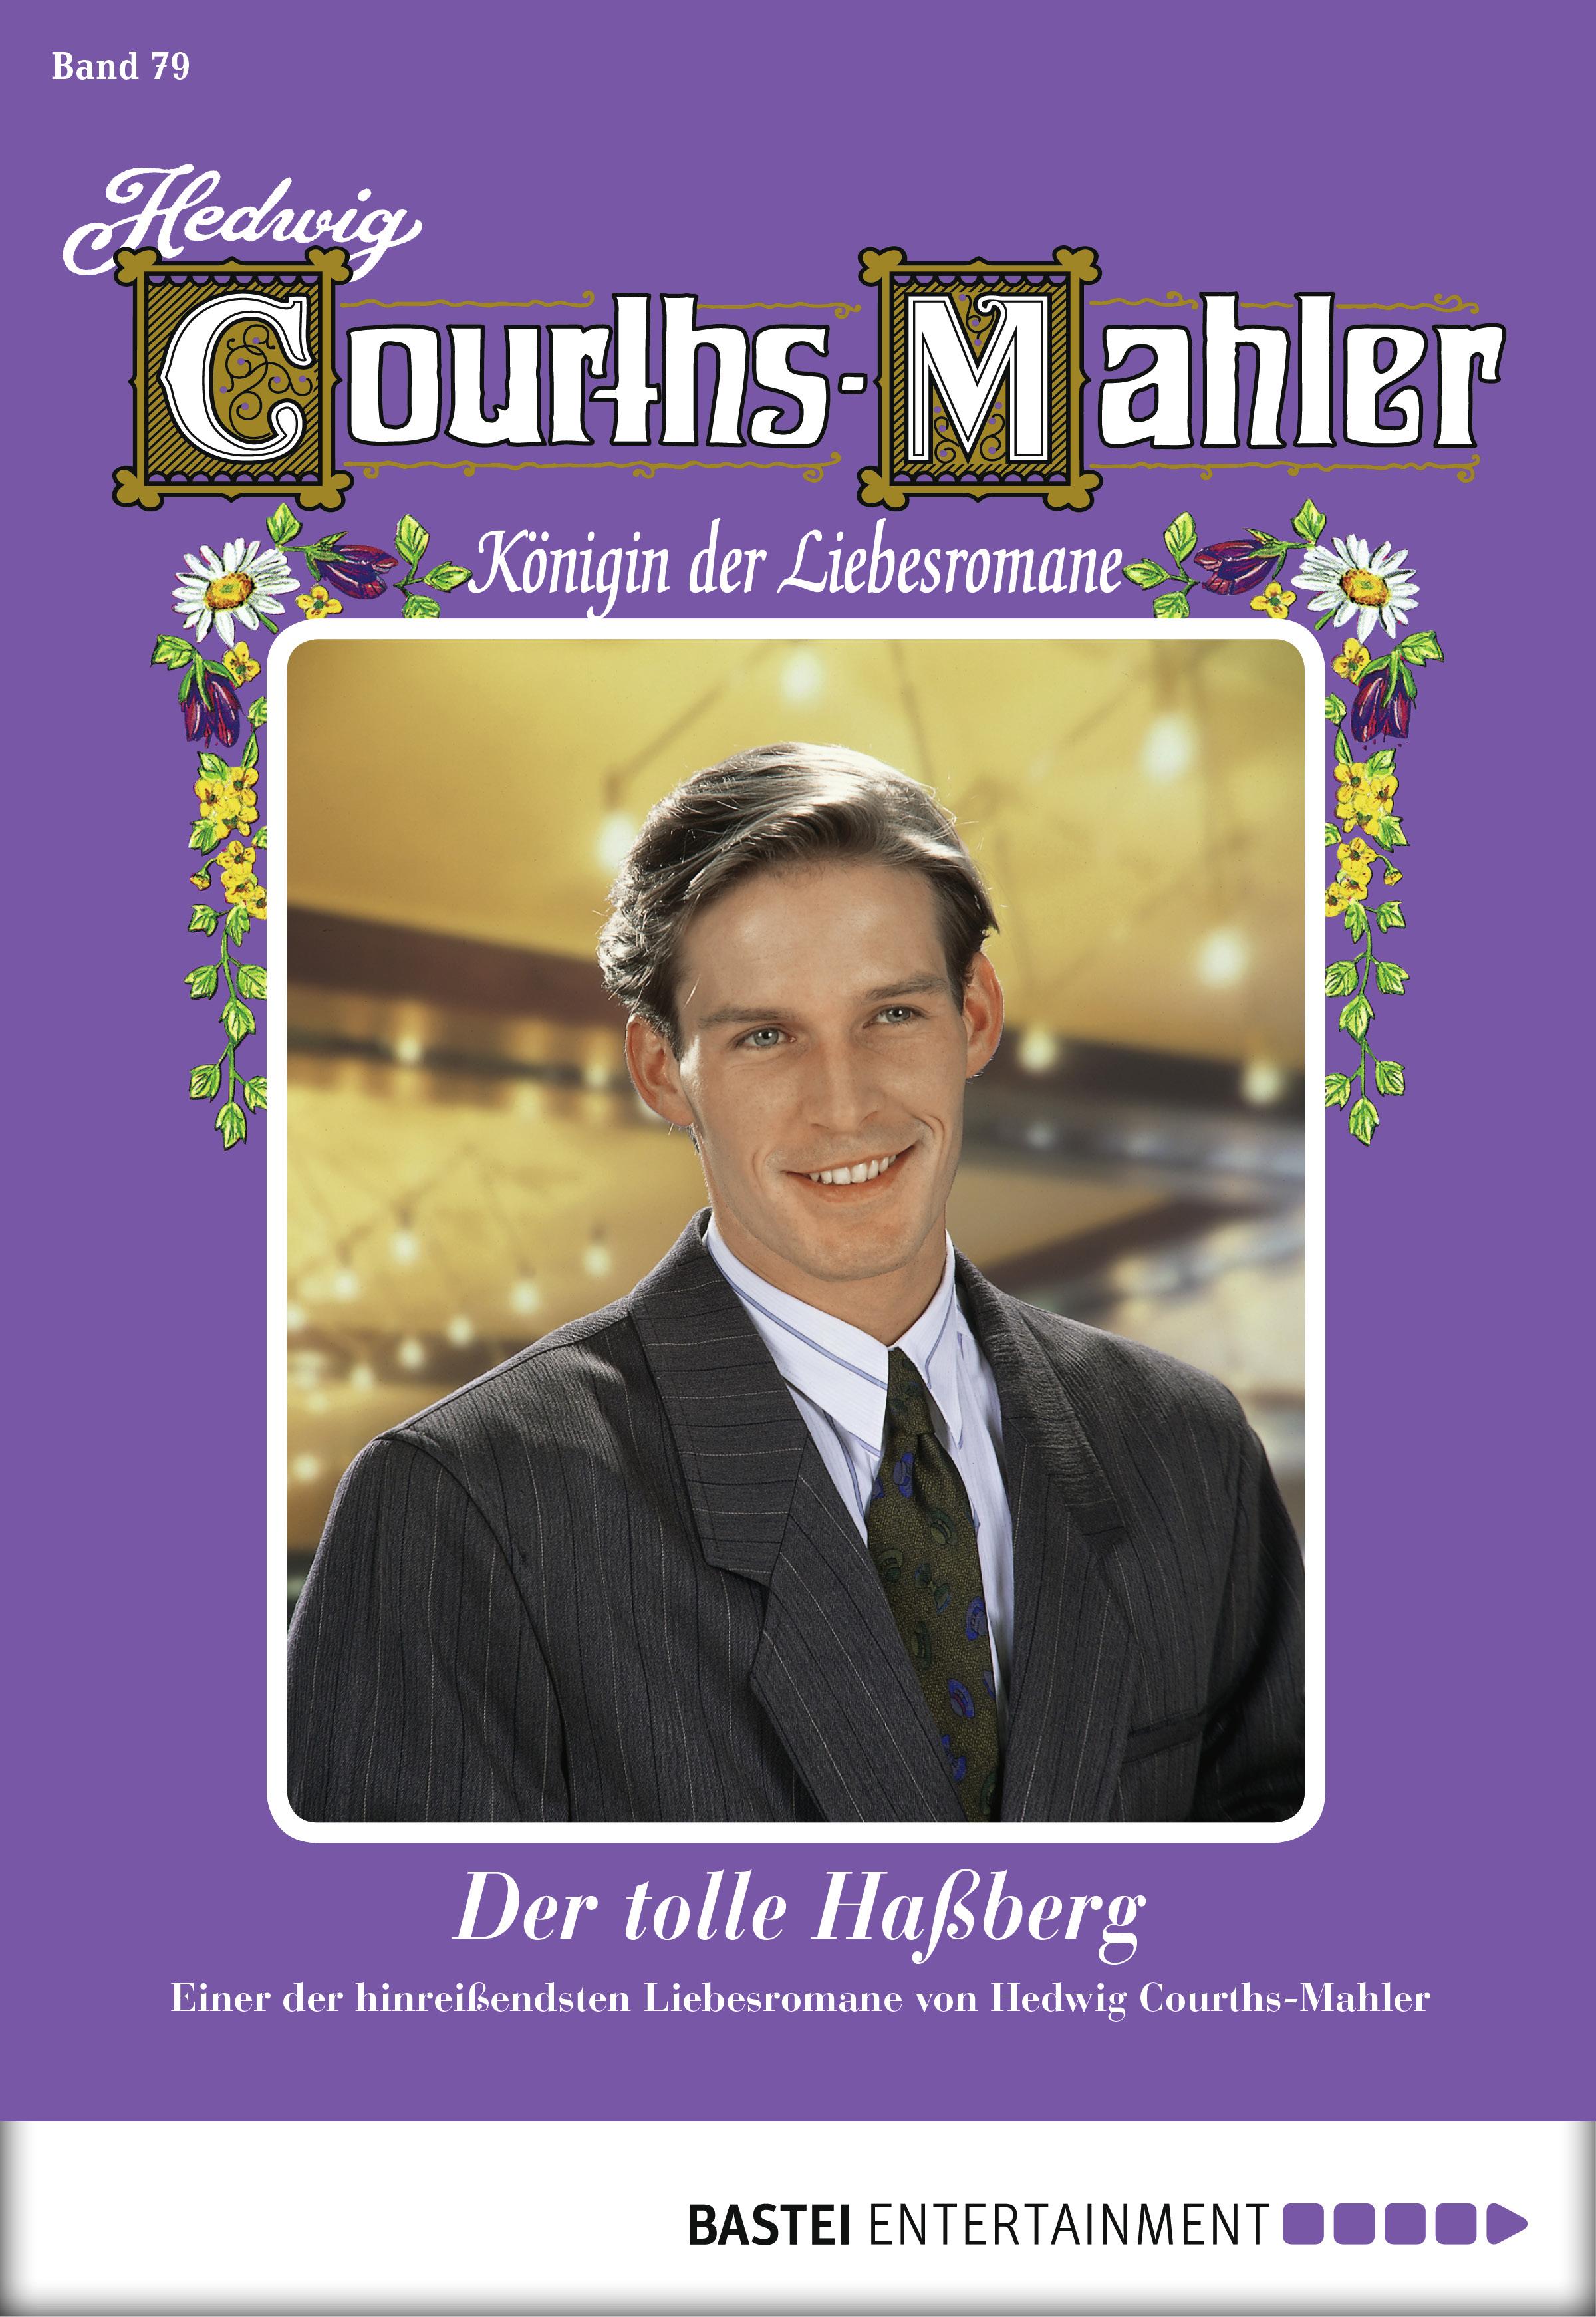 Hedwig Courths Mahler